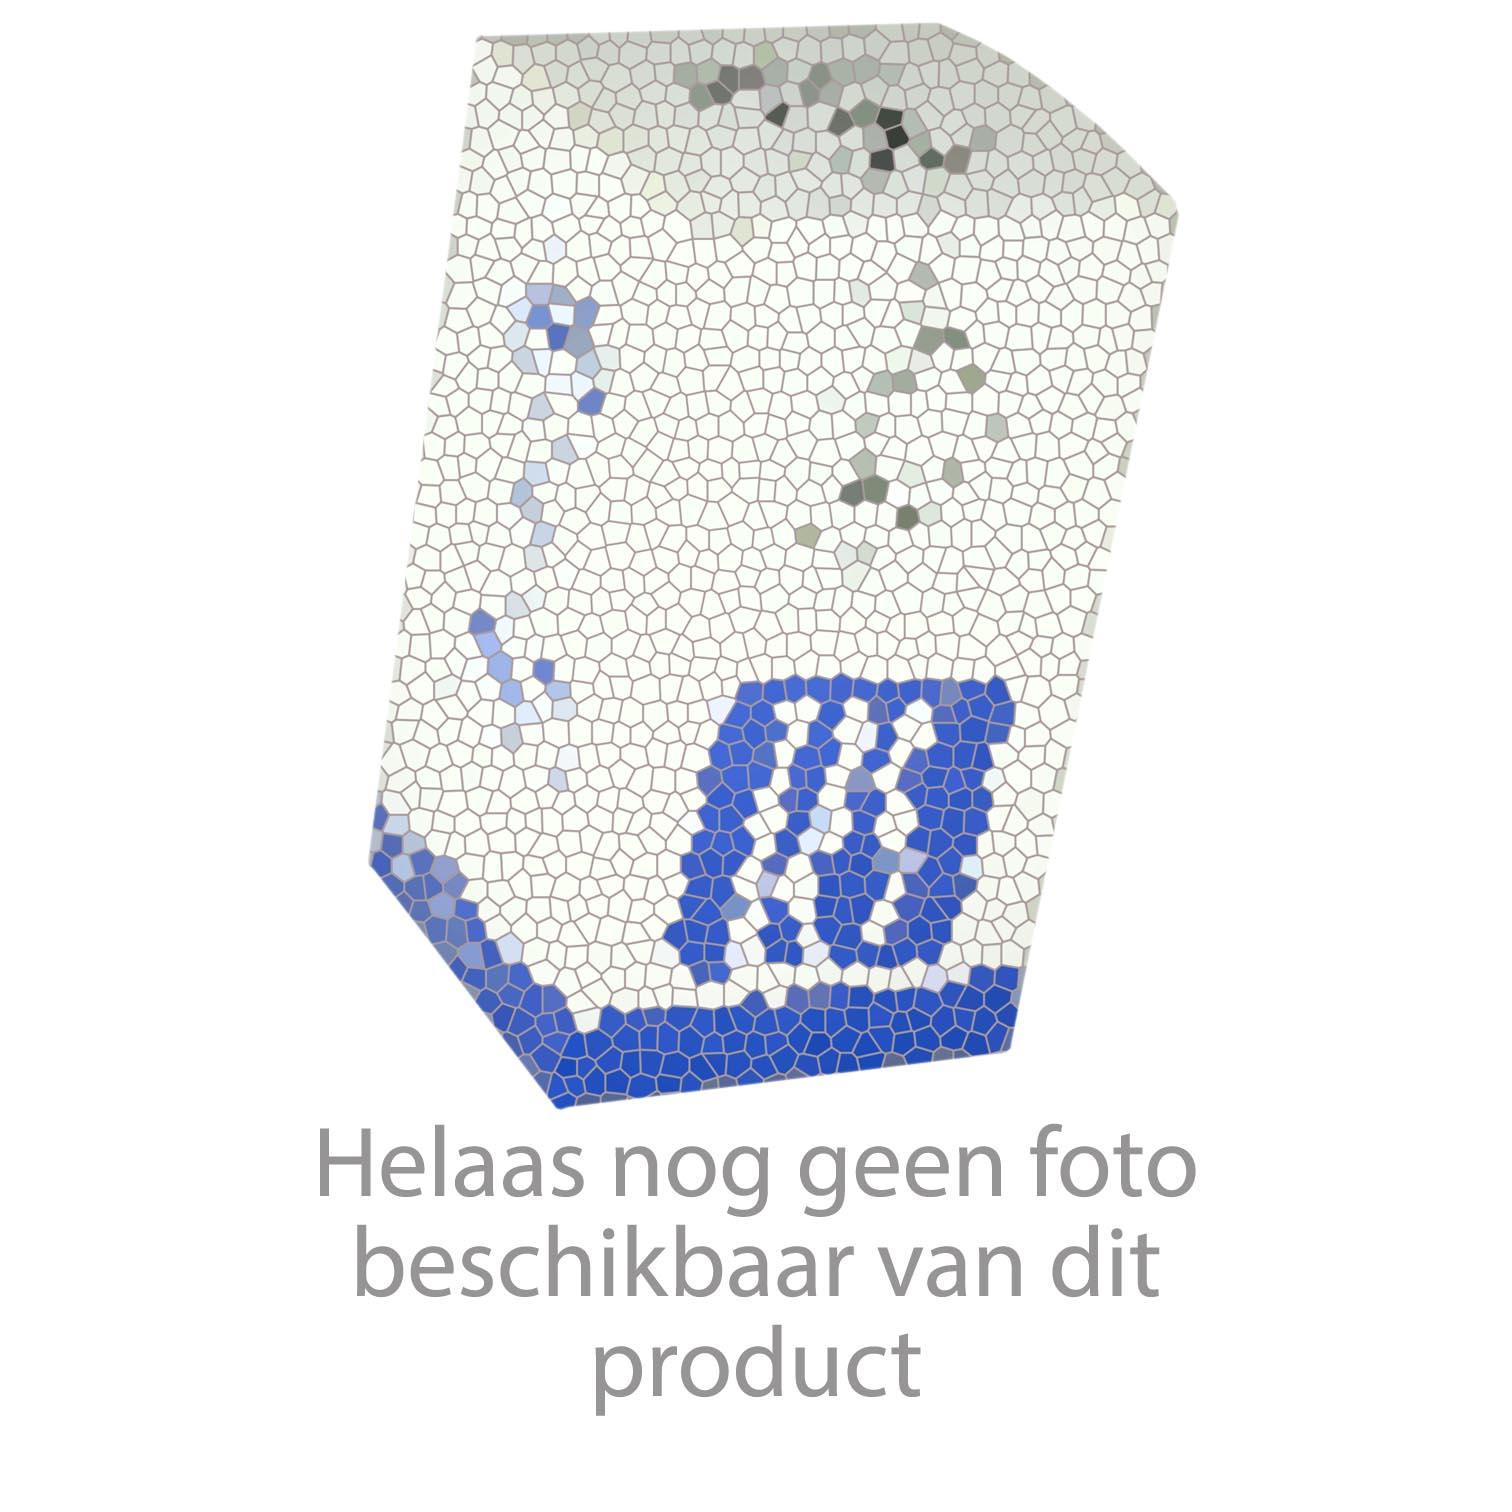 HansGrohe Afvoer- en overloopgarnituren Excentra Fill productiejaar 01/89 - 03/01 58527180 onderdelen